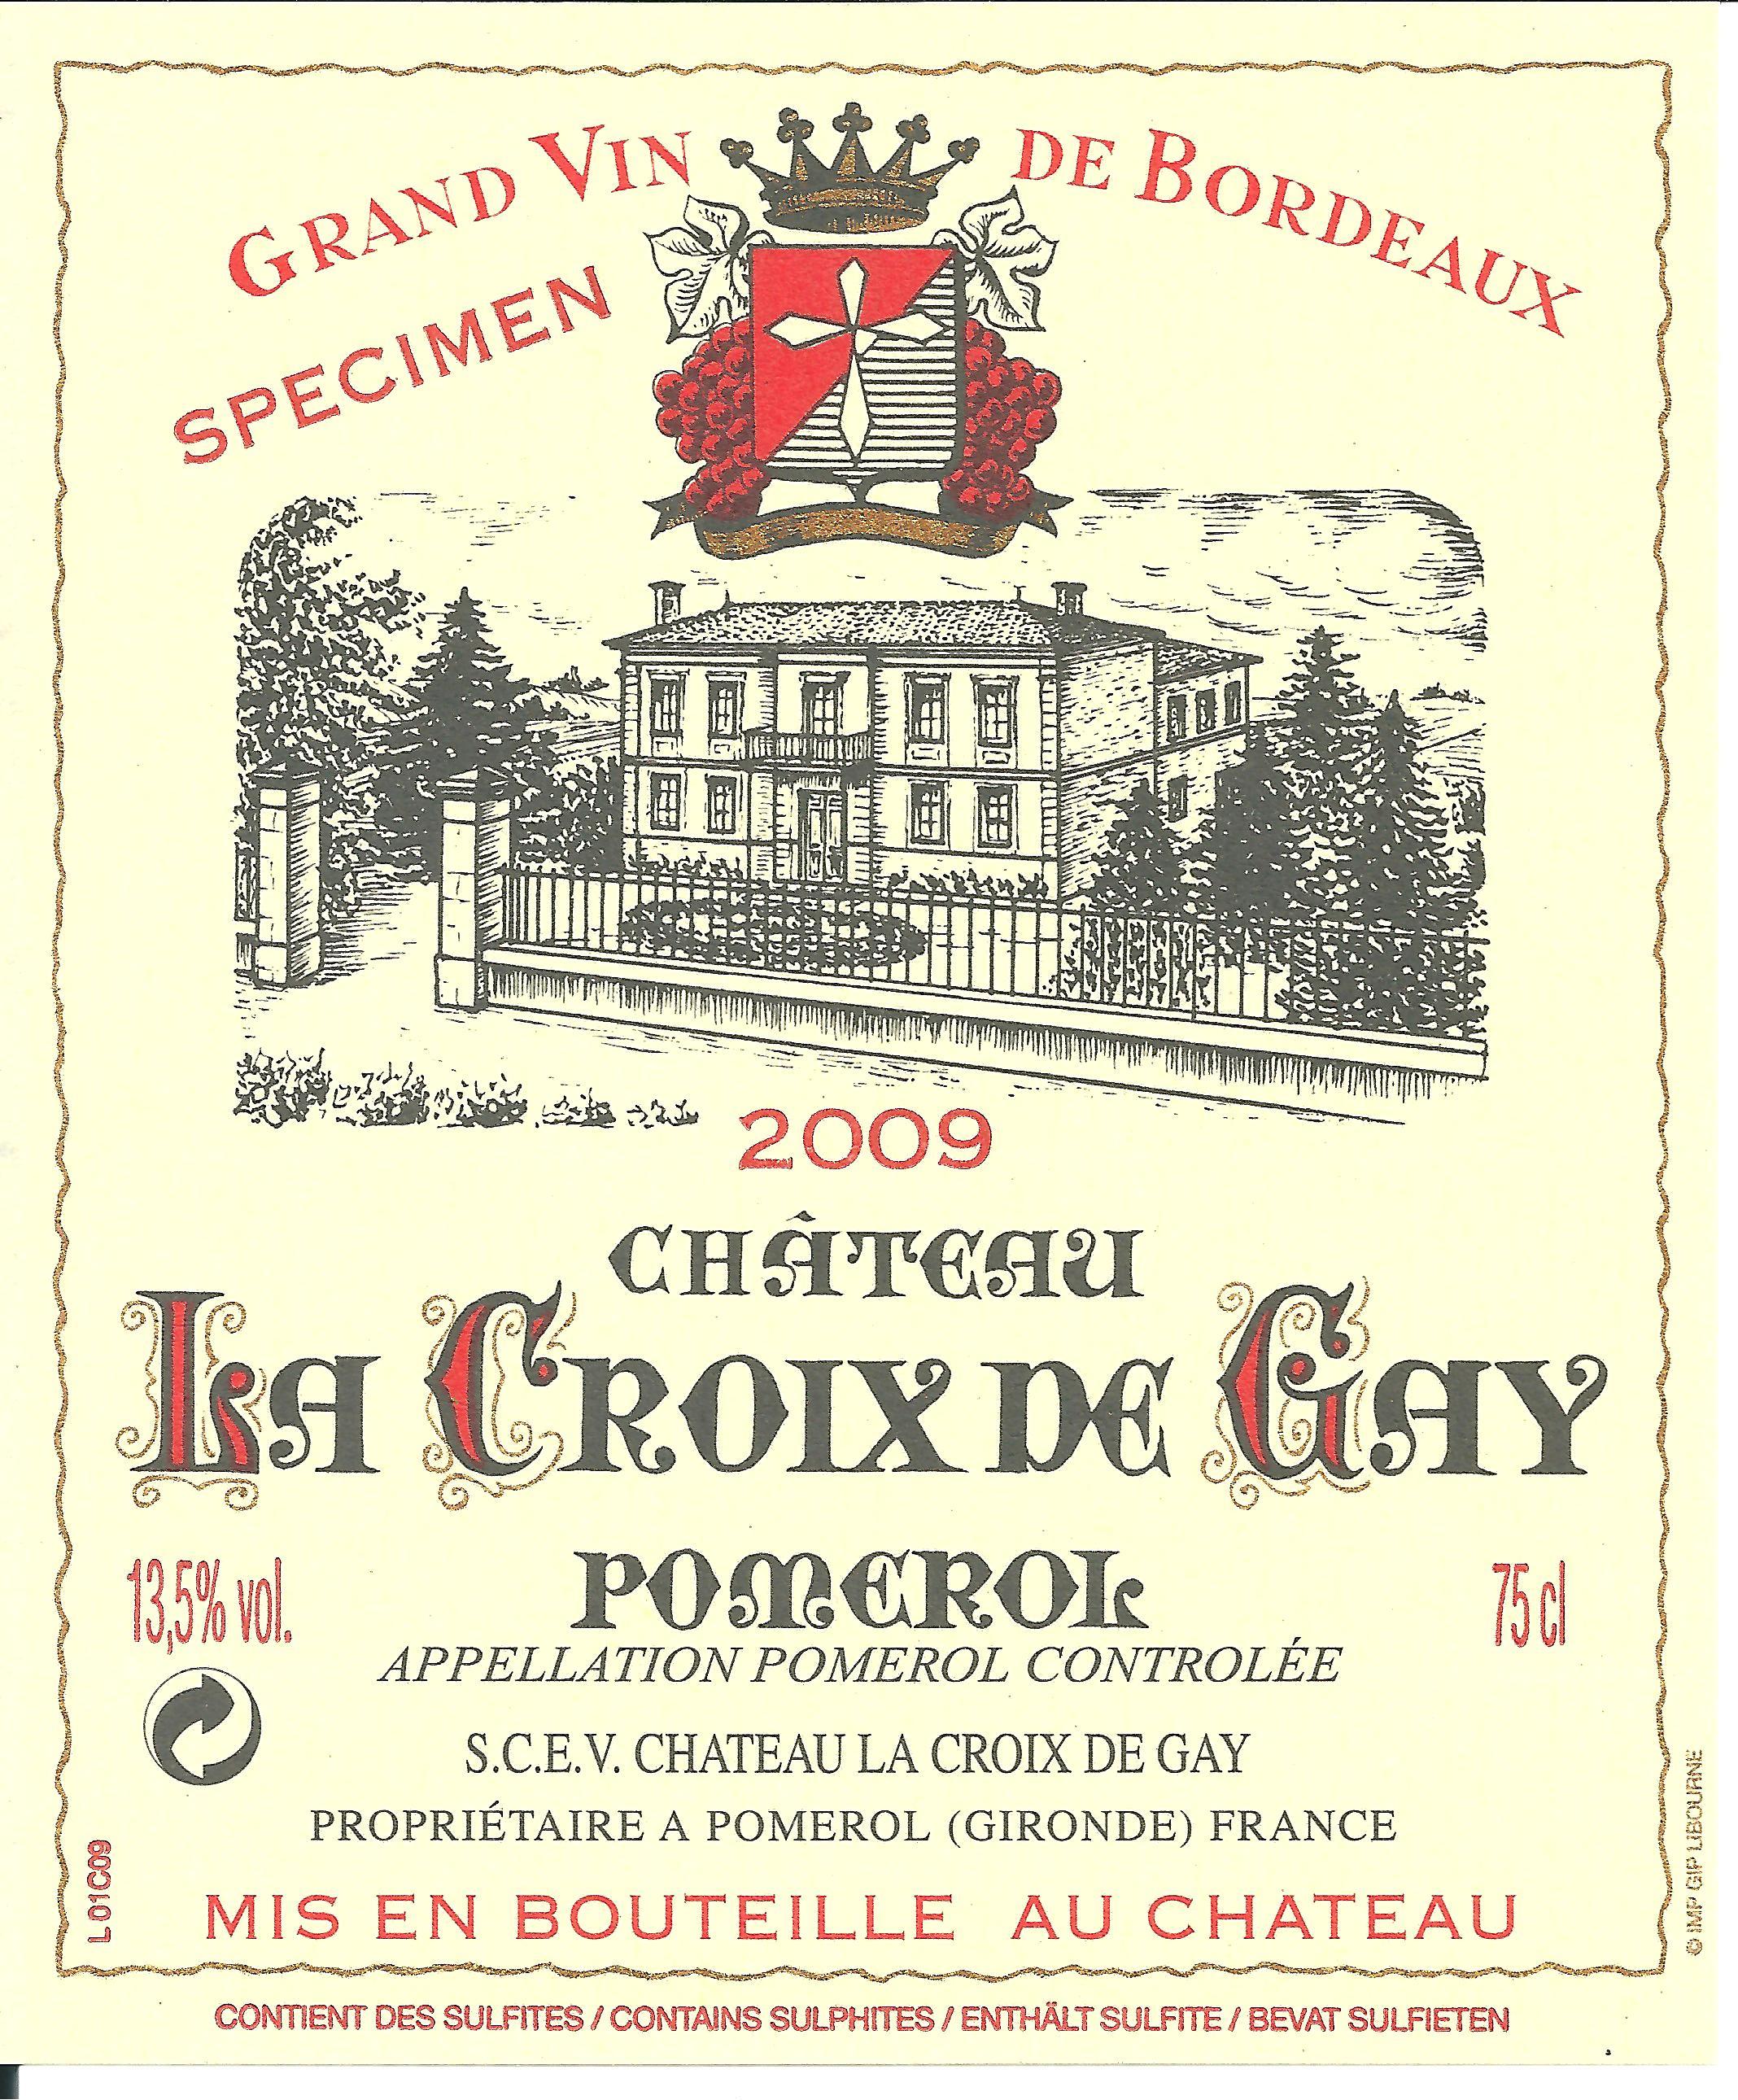 Château la Croix de Gay